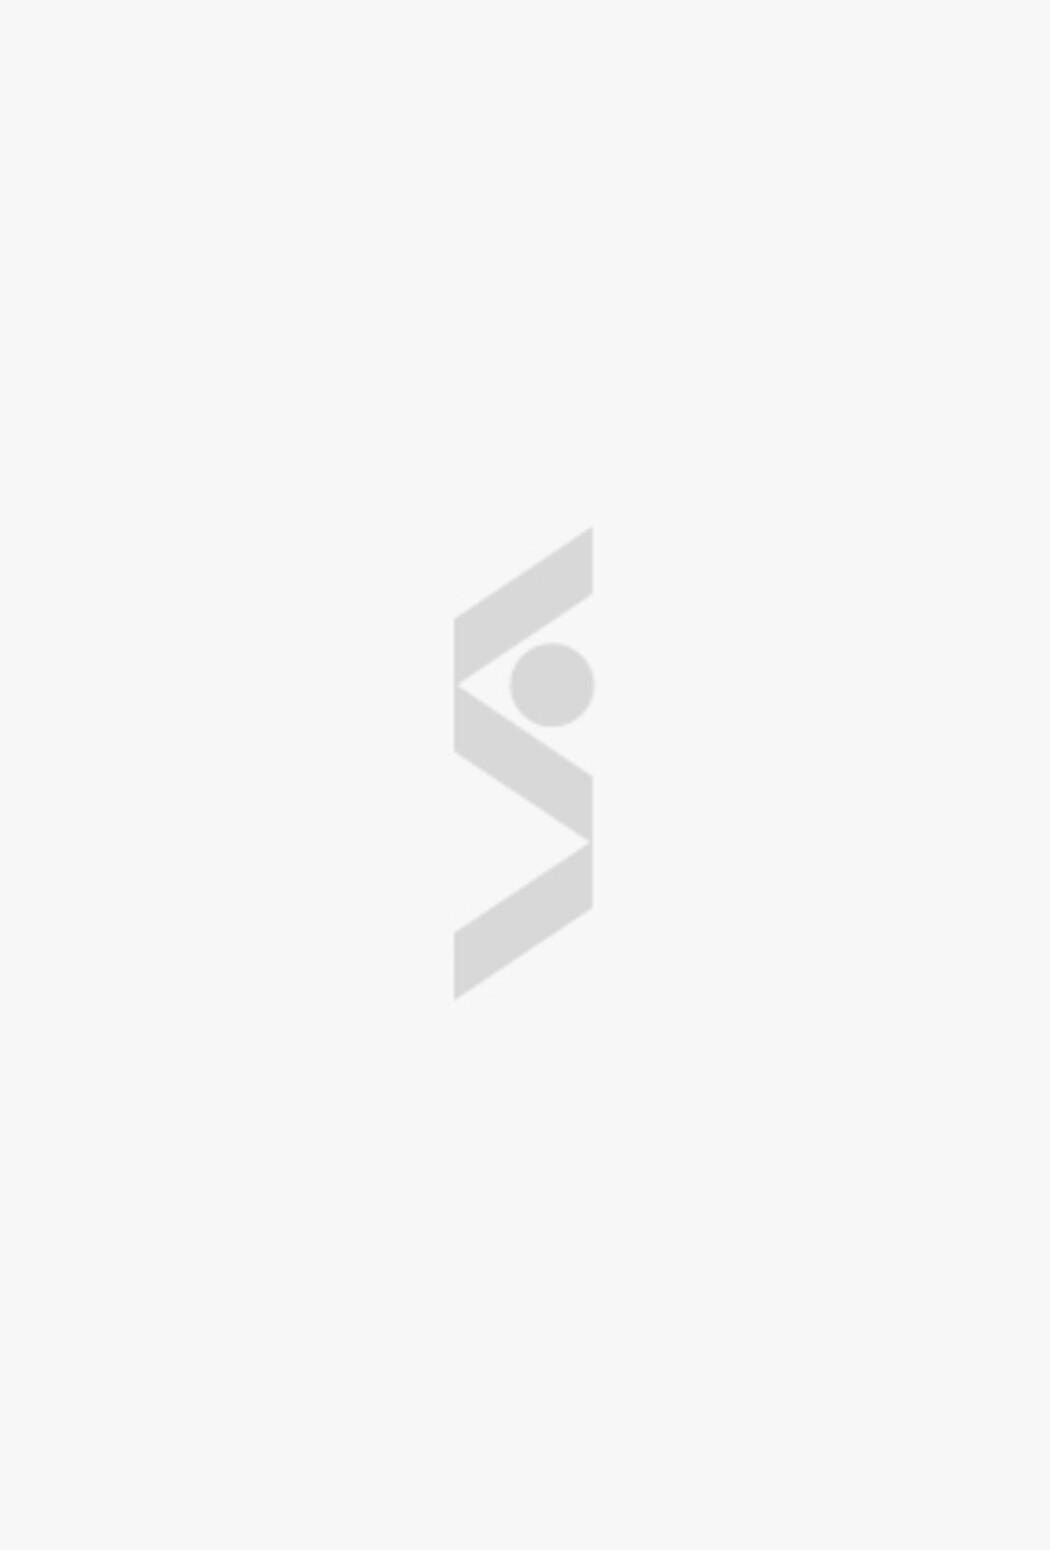 Сандалии VAGABOND - купить, цена 3770 ₽ в Москве в интернет-магазине СТОКМАНН BAFC85AF-910D-4DEB-A33F-6FEB126D97E3